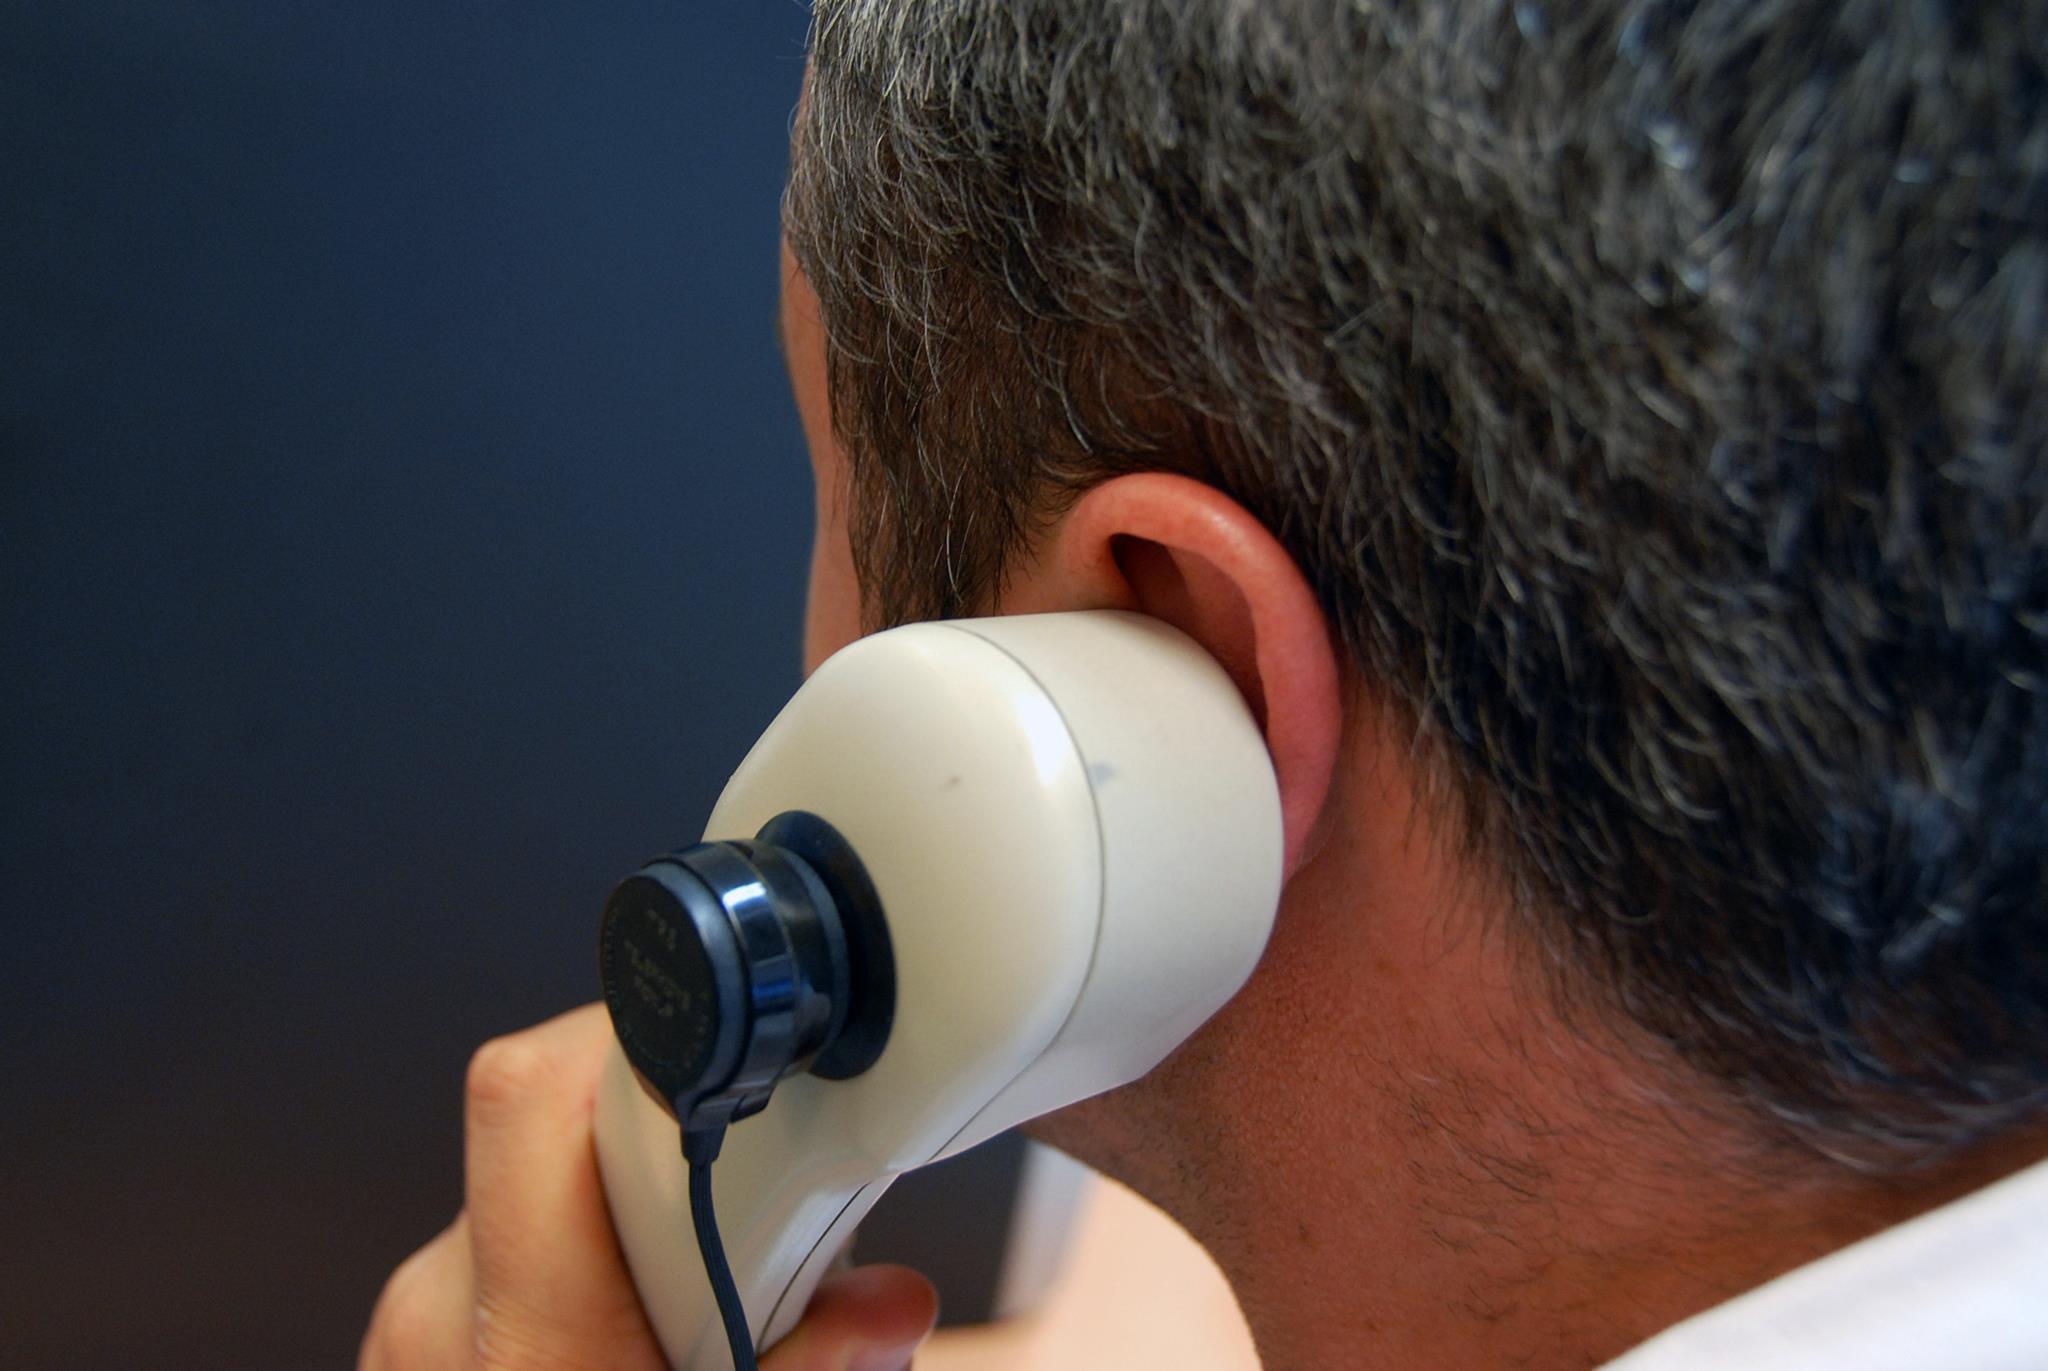 PÚBLICO - Funcionário terá gasto mais de 450 mil euros em chamadas pessoais